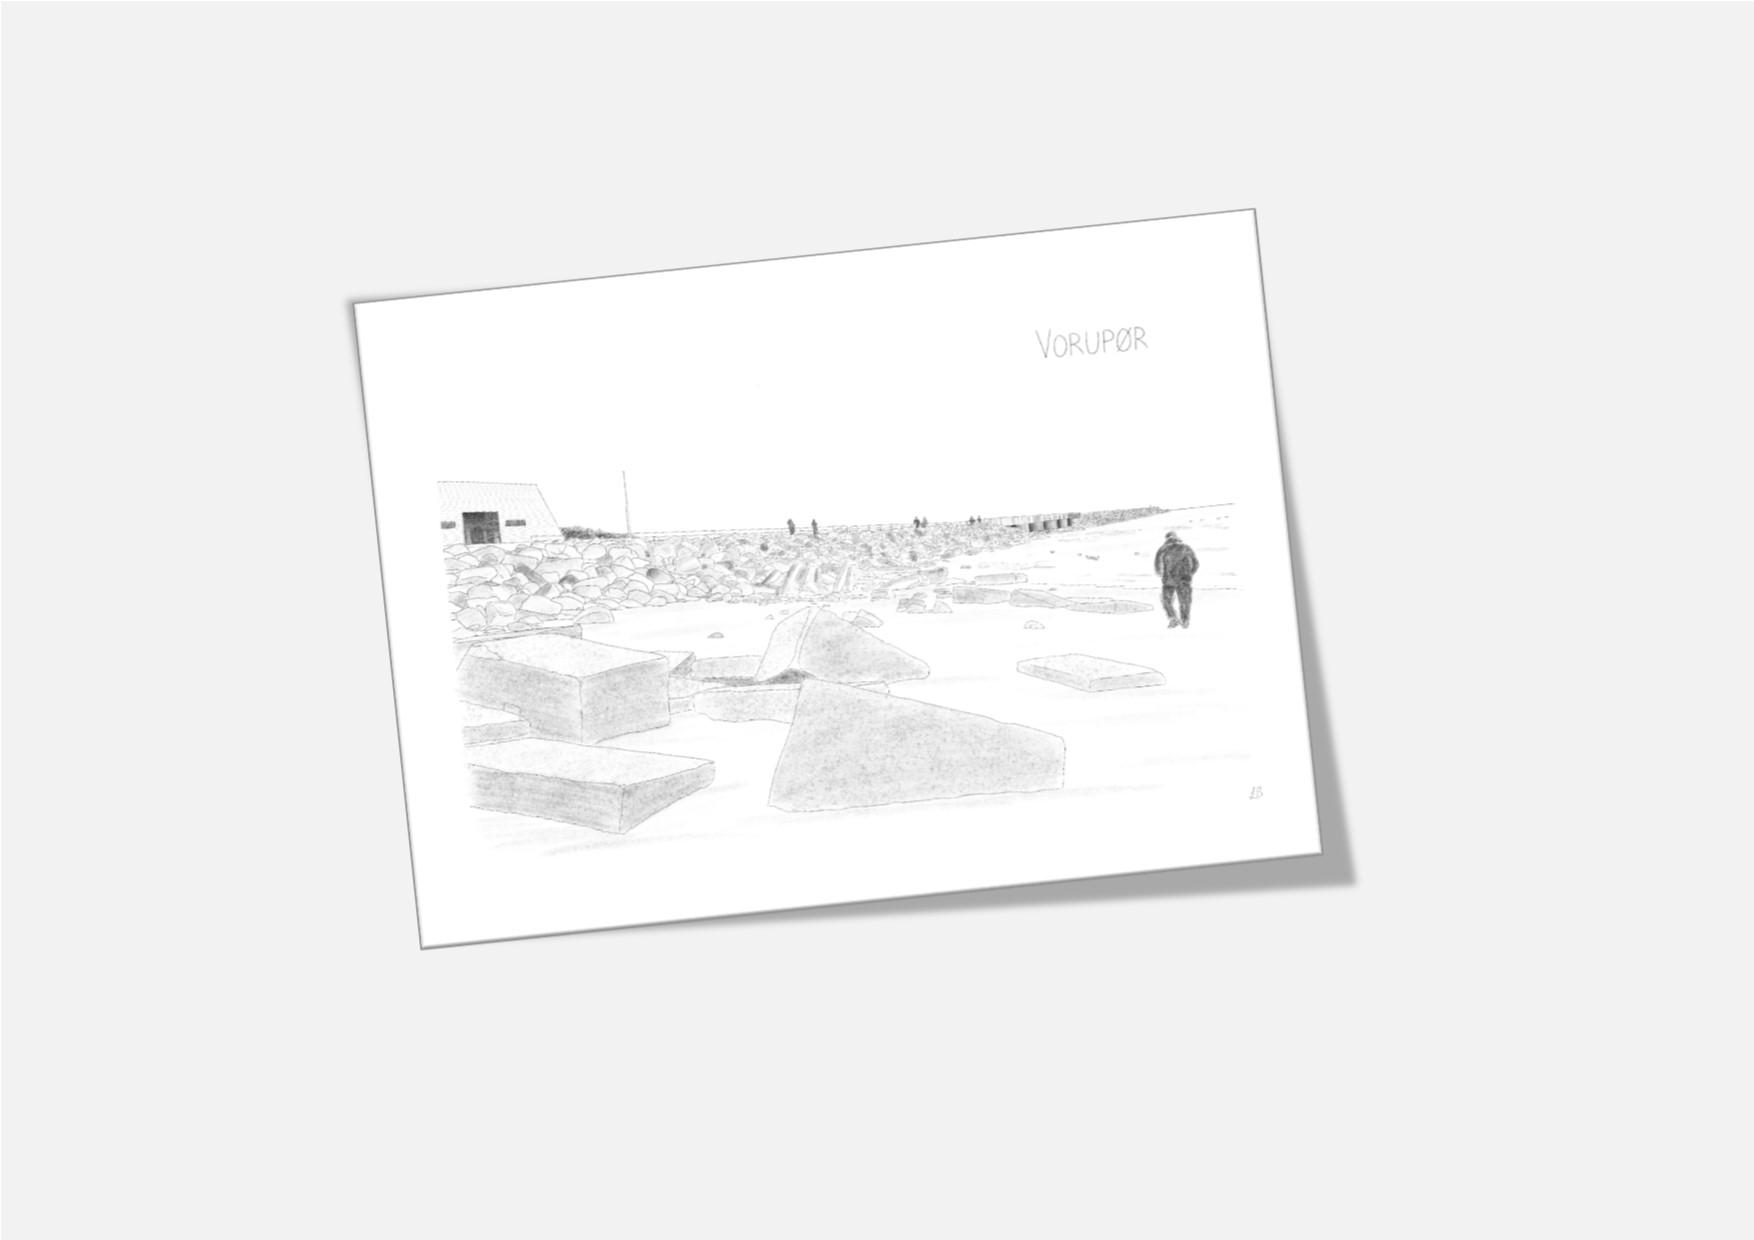 Dobbelt kort med Vorupør Mole - håndtegnet af Kreative Lise